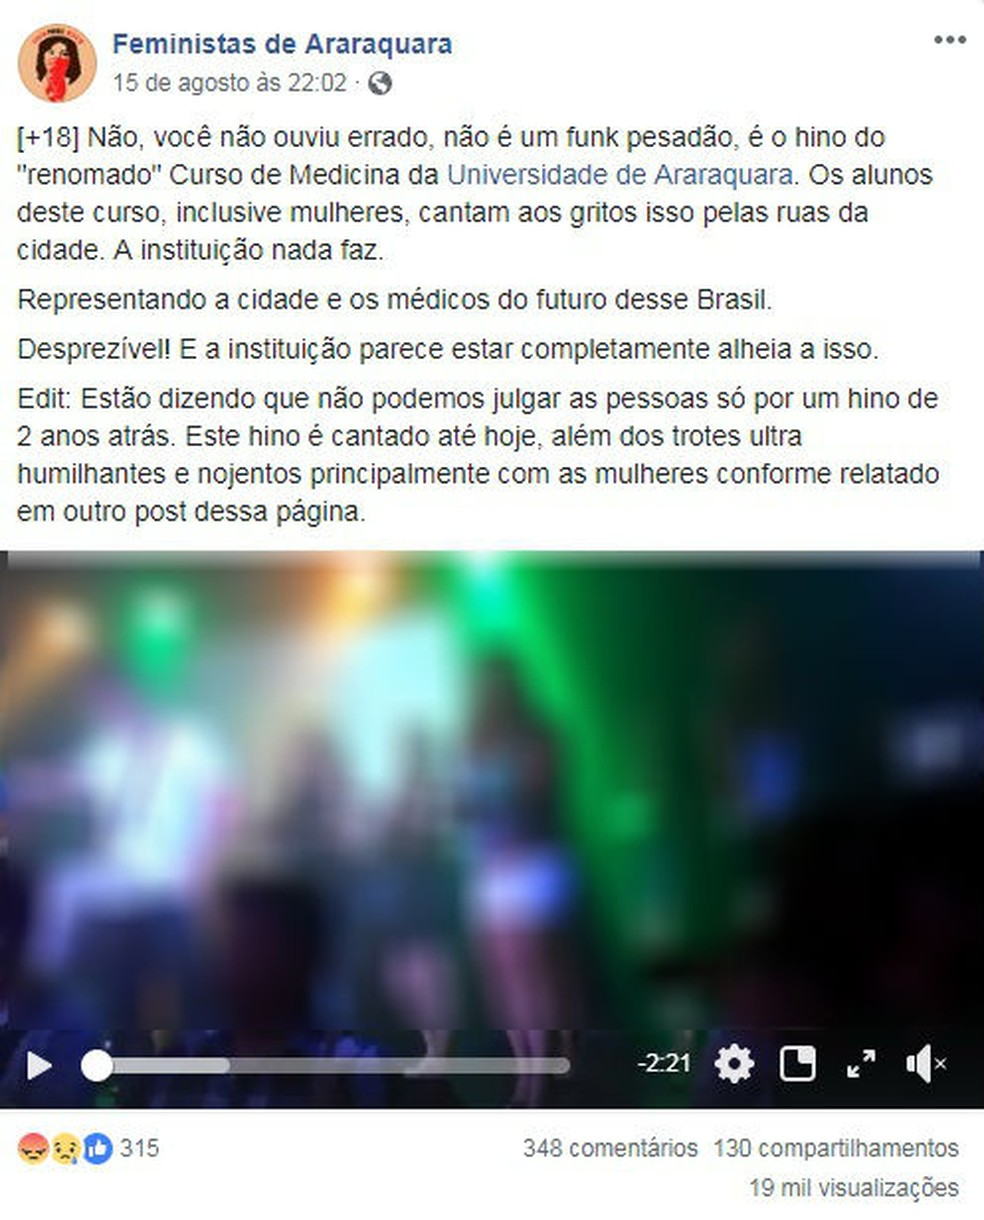 Grupo feminista postou vídeo de 2013 onde hino é cantado por estudantes de medicina em Araraquara (Foto: Reprodução/Facebook)